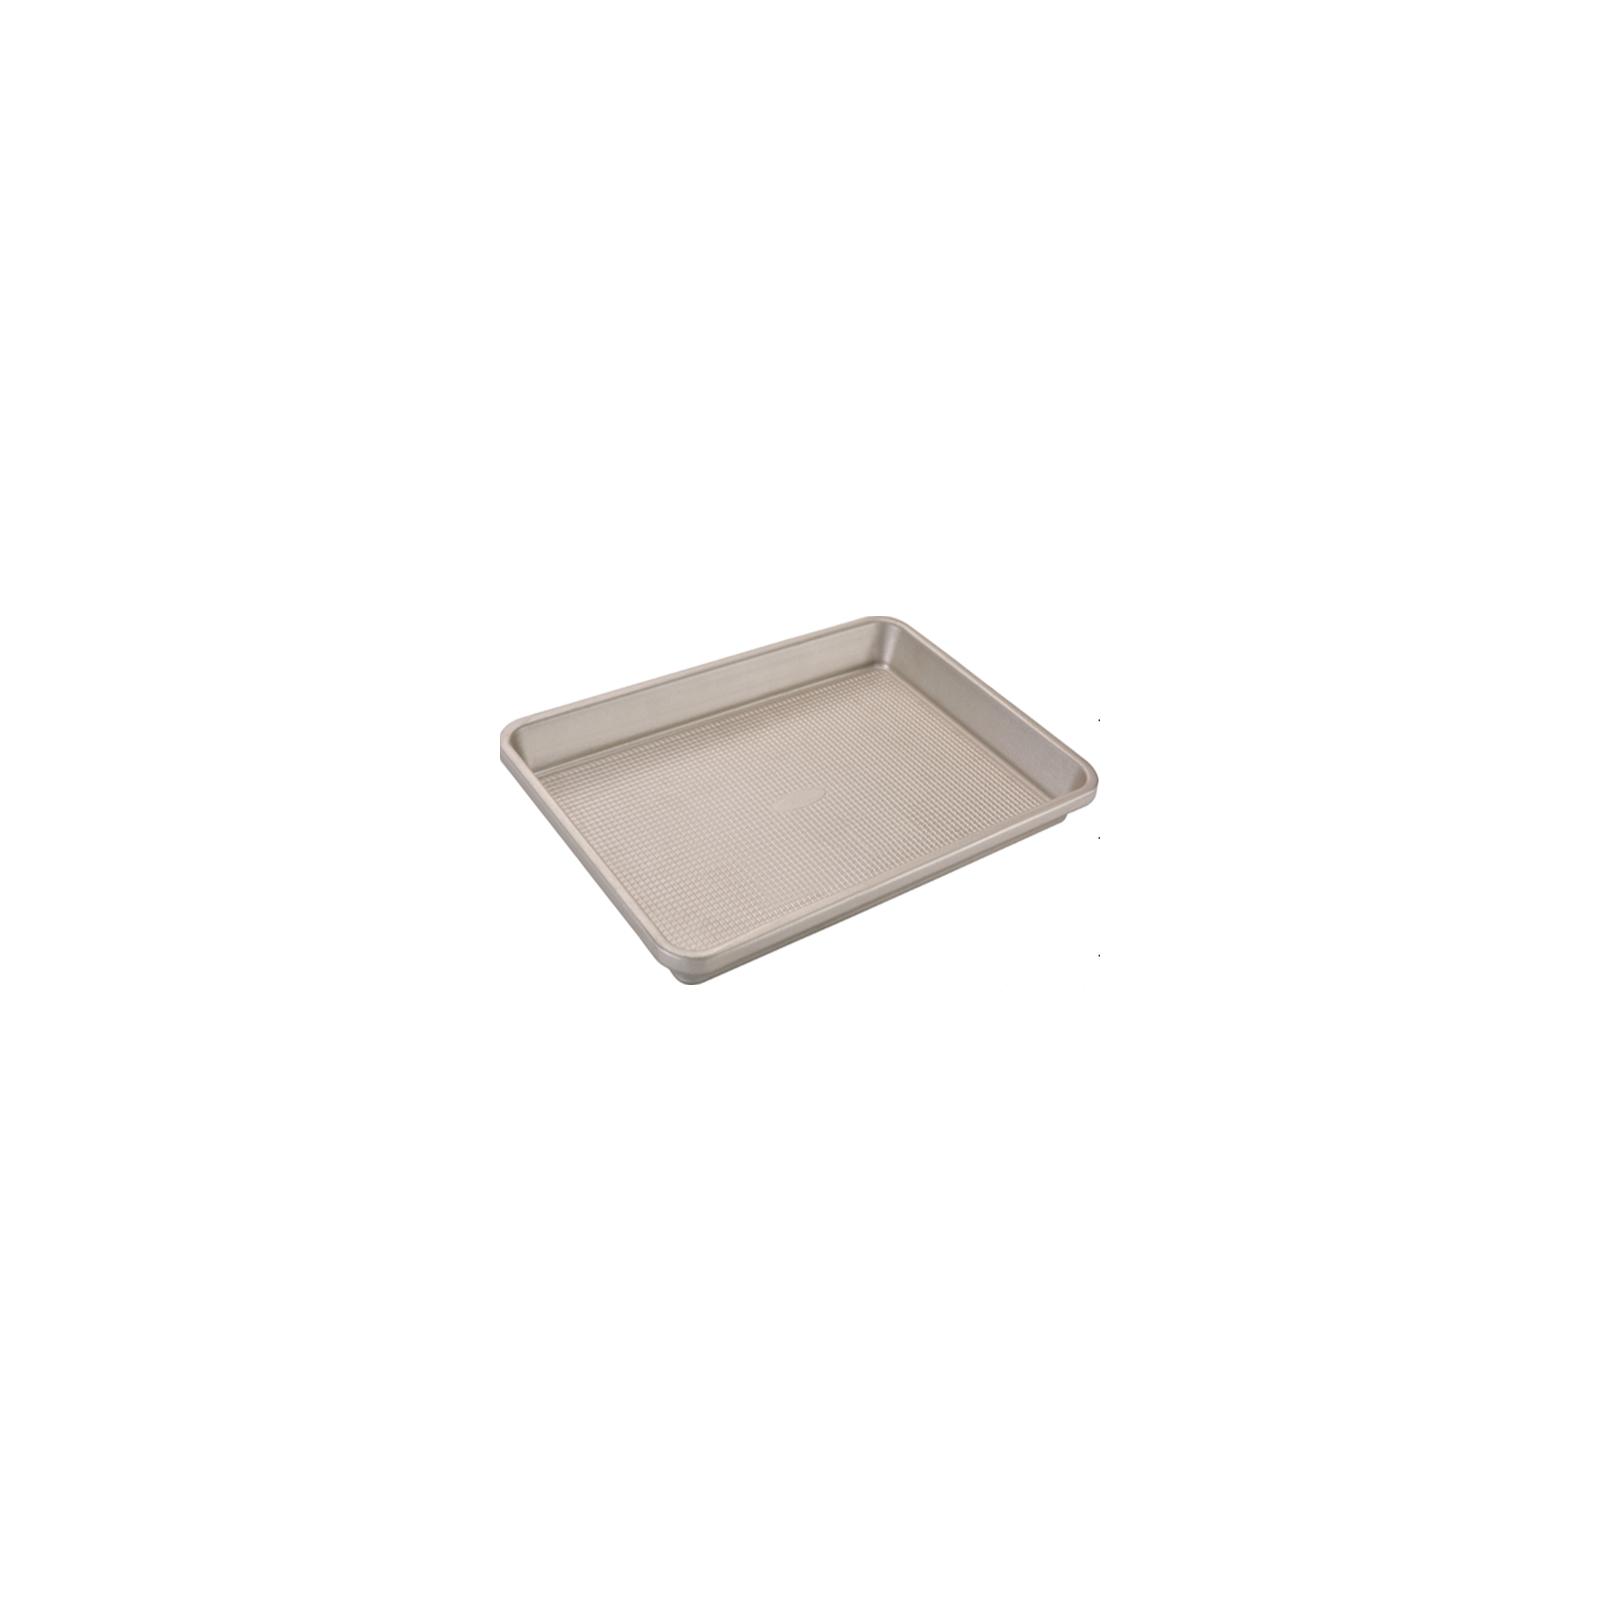 Форма для выпечки Ringel Marzipan прямоугольная 33 x 23 x 3 см (RG-10211) изображение 2